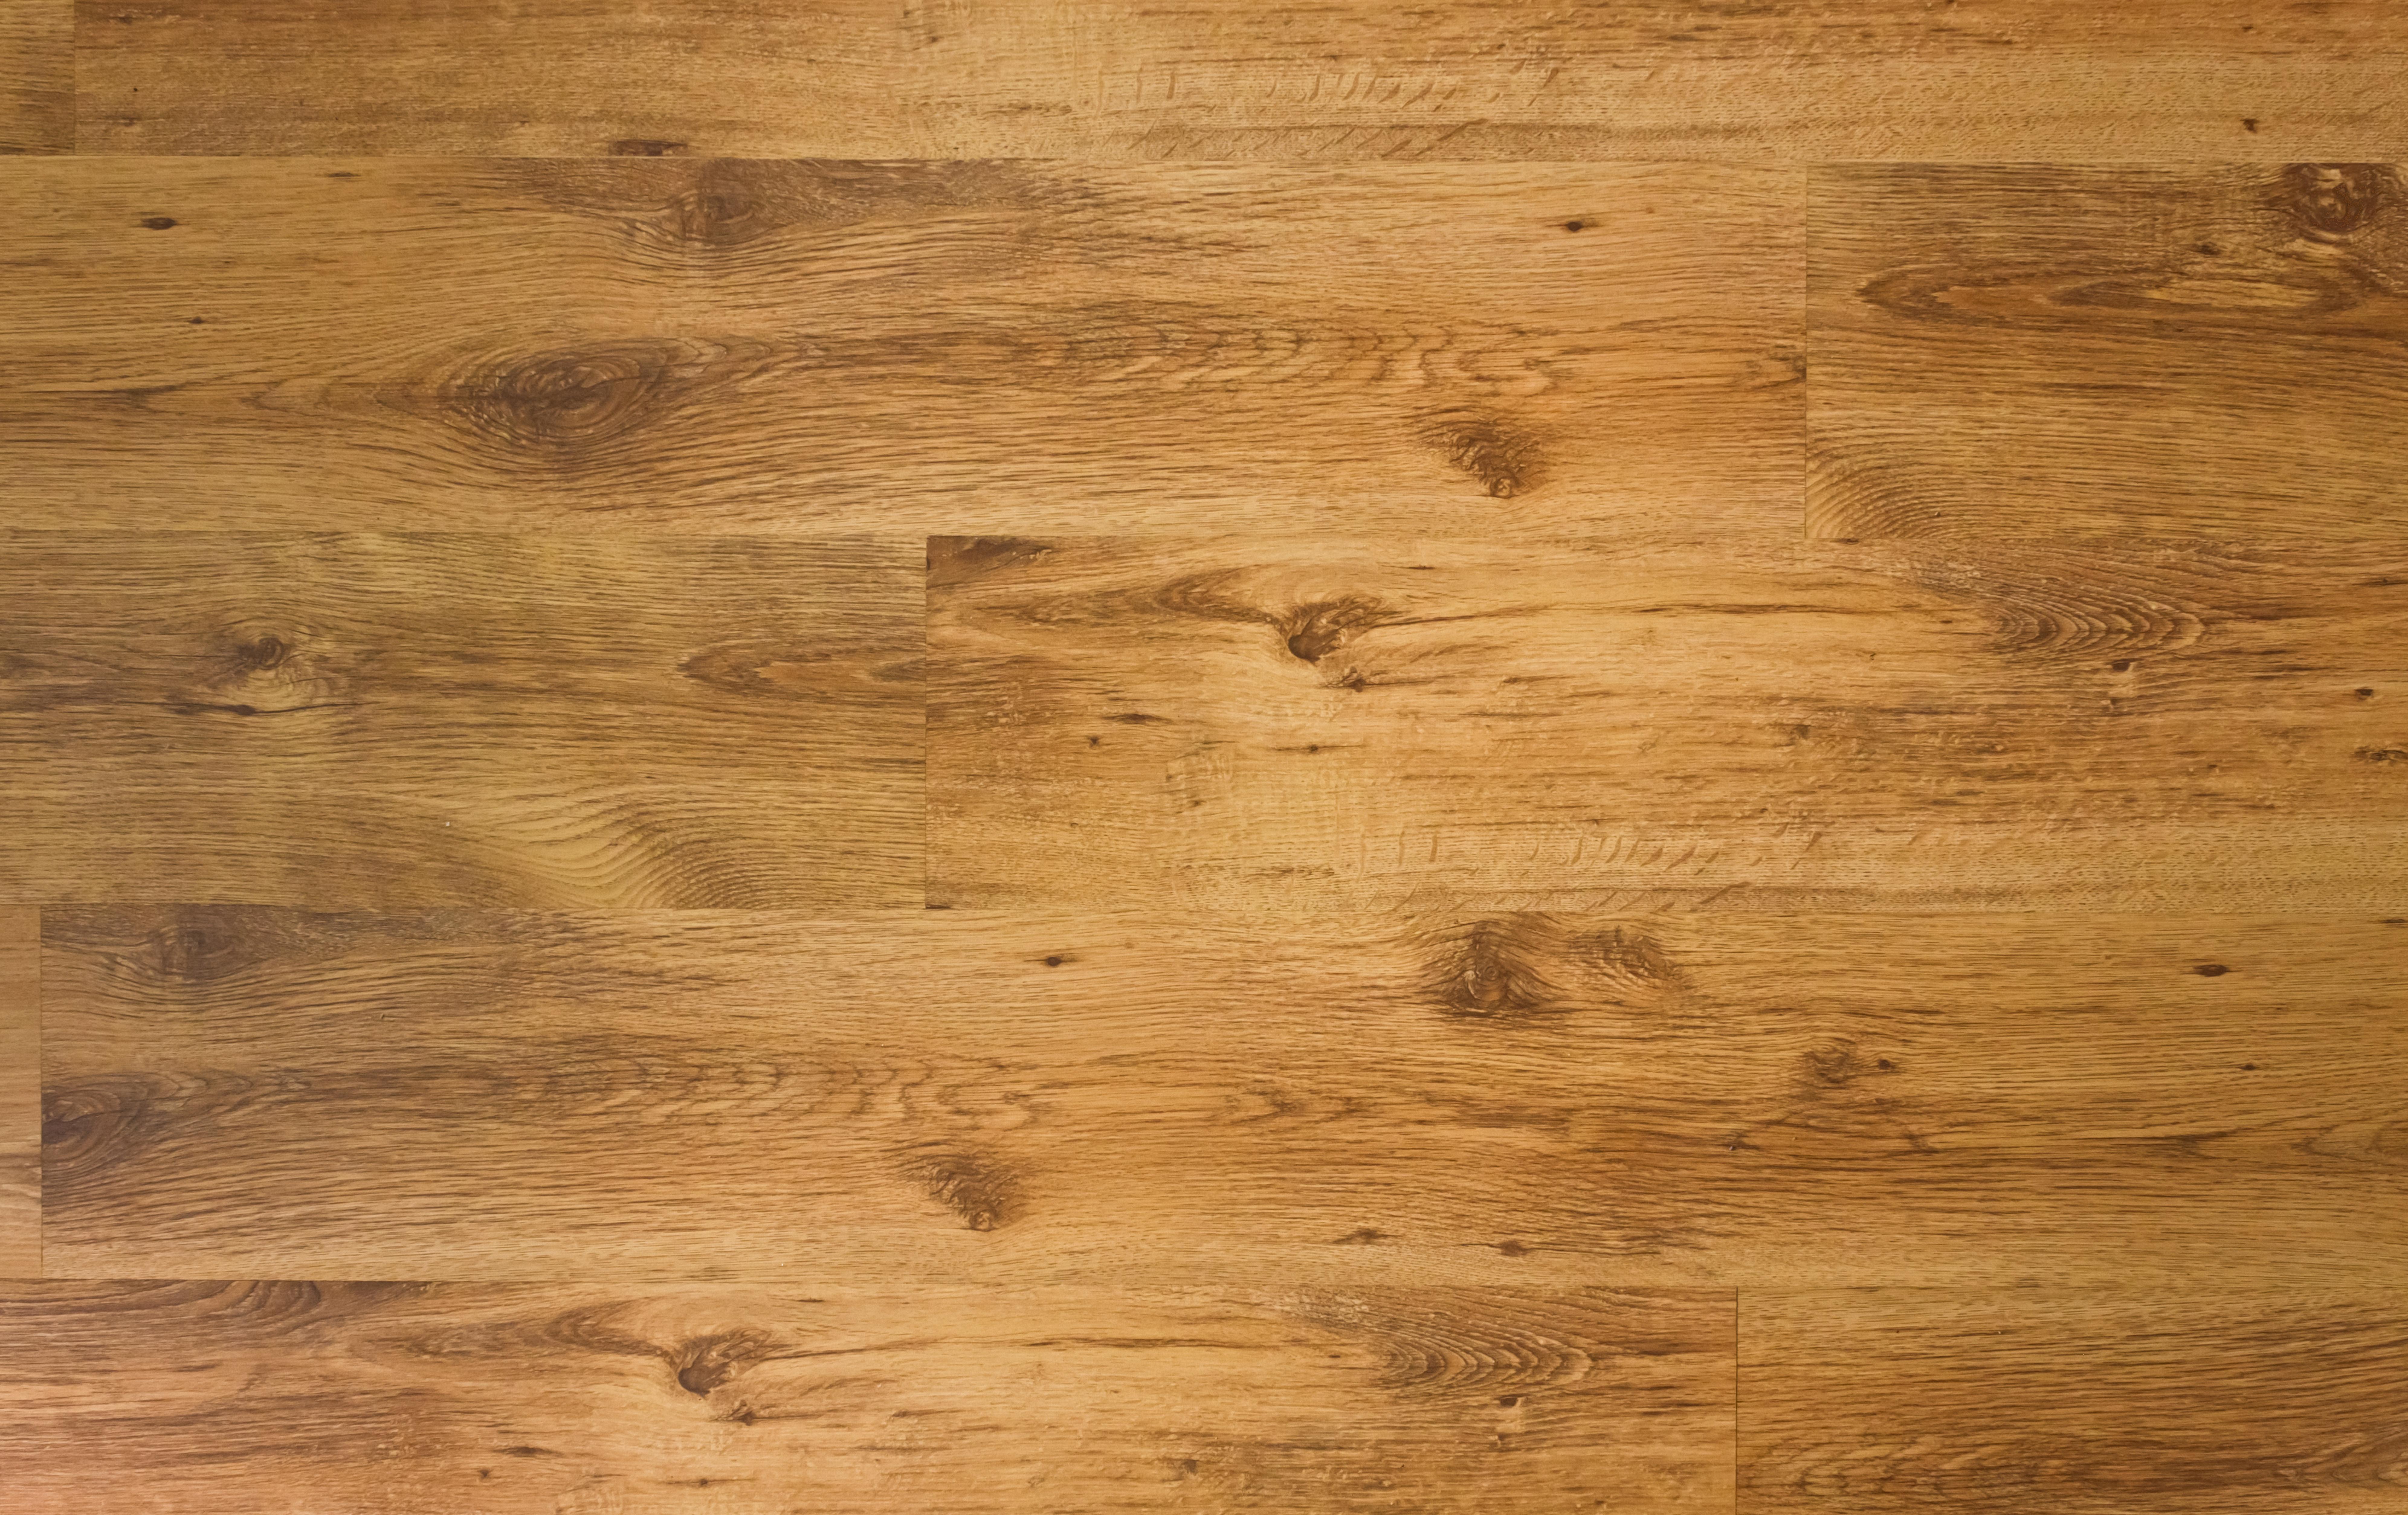 98e556f0 36cd 4df9 9839 23843ff3d803 Wood Texture Wallpaper ...